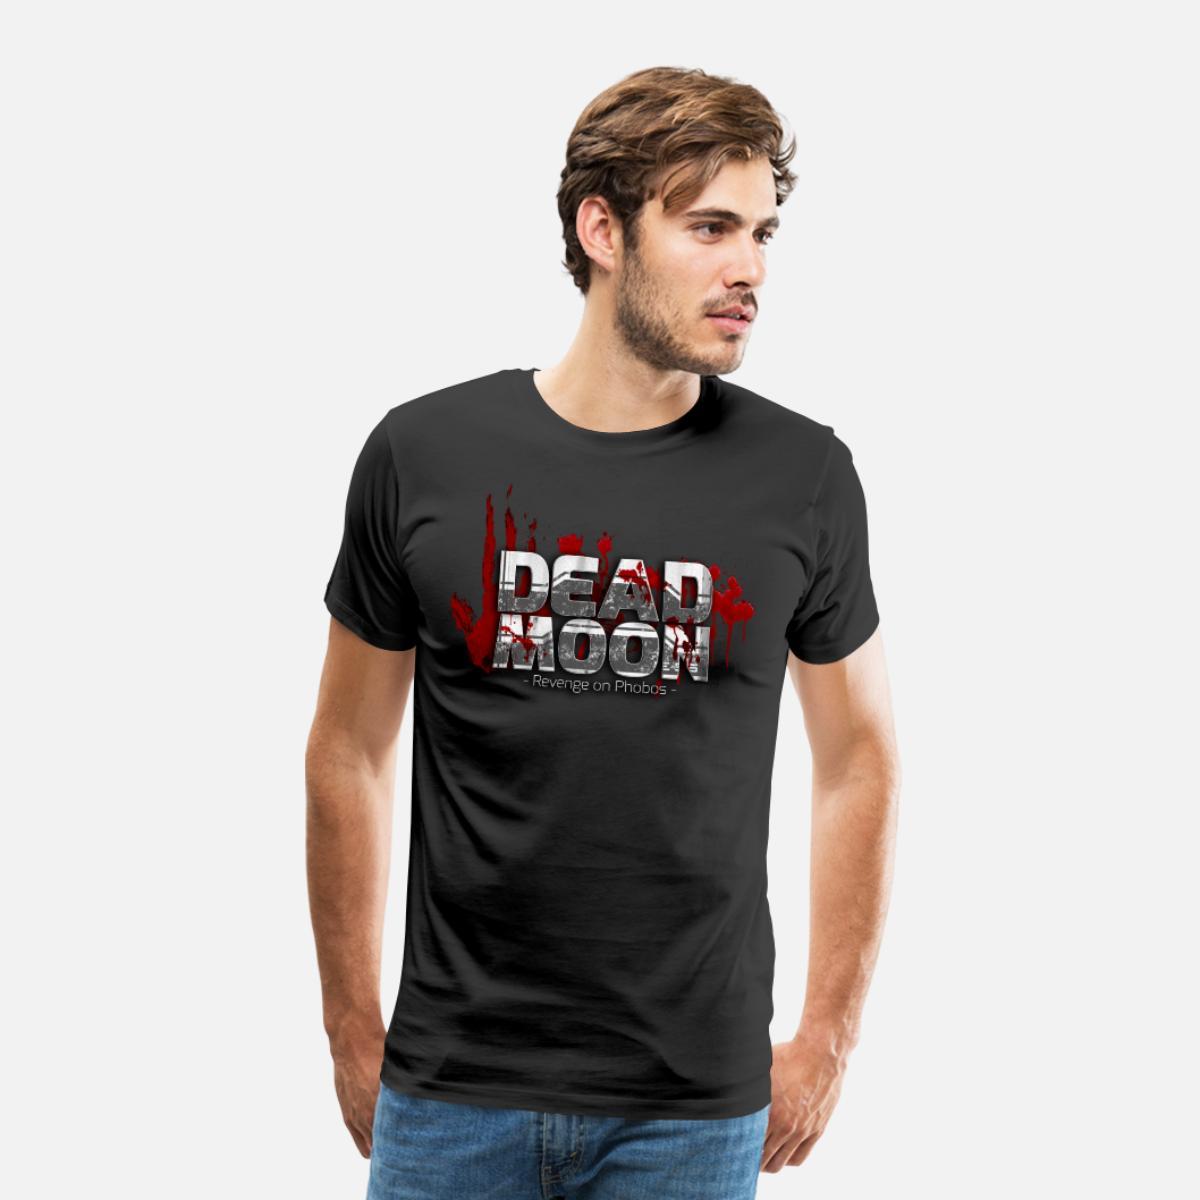 daed moon t-shirt